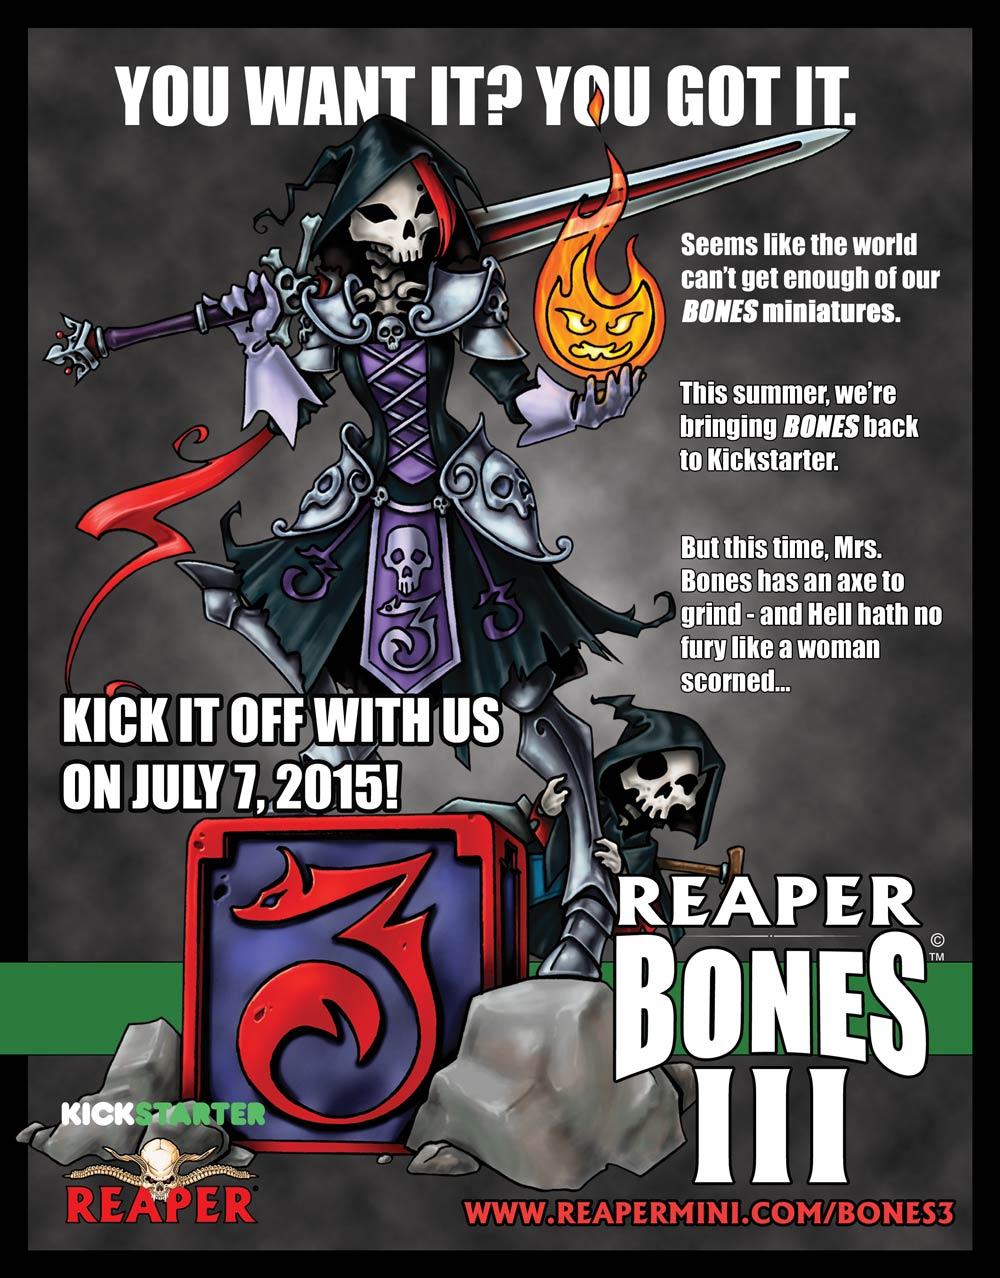 Reaper Miniatures Bones III Teaser (Image: Reaper Miniatures)